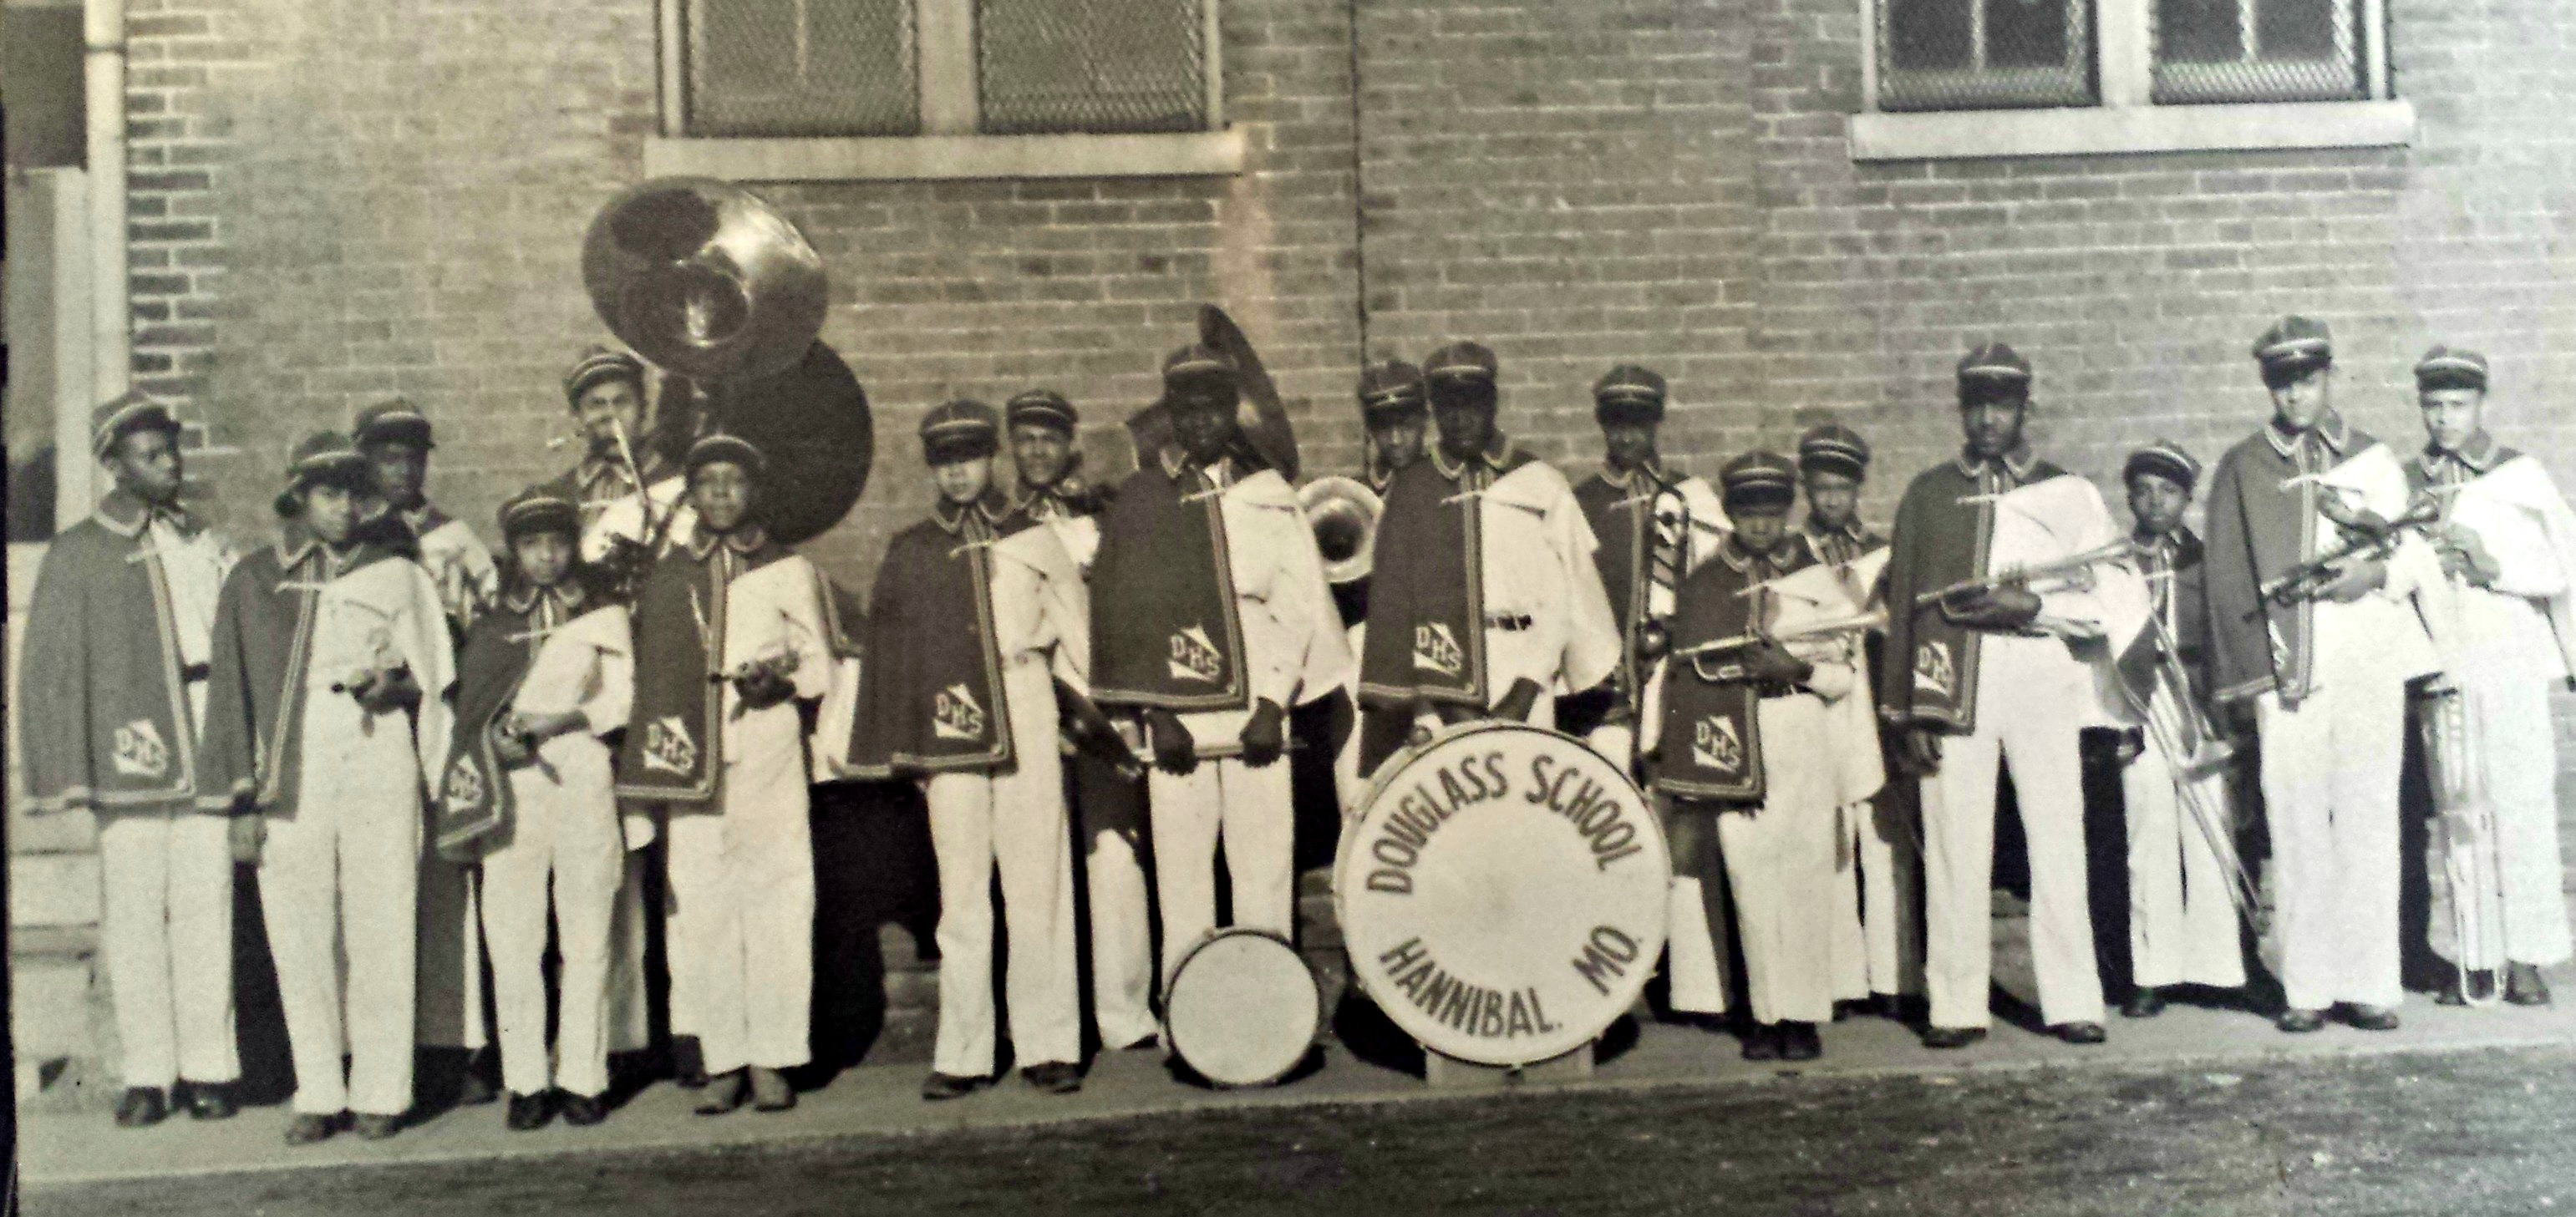 Douglass High School Band